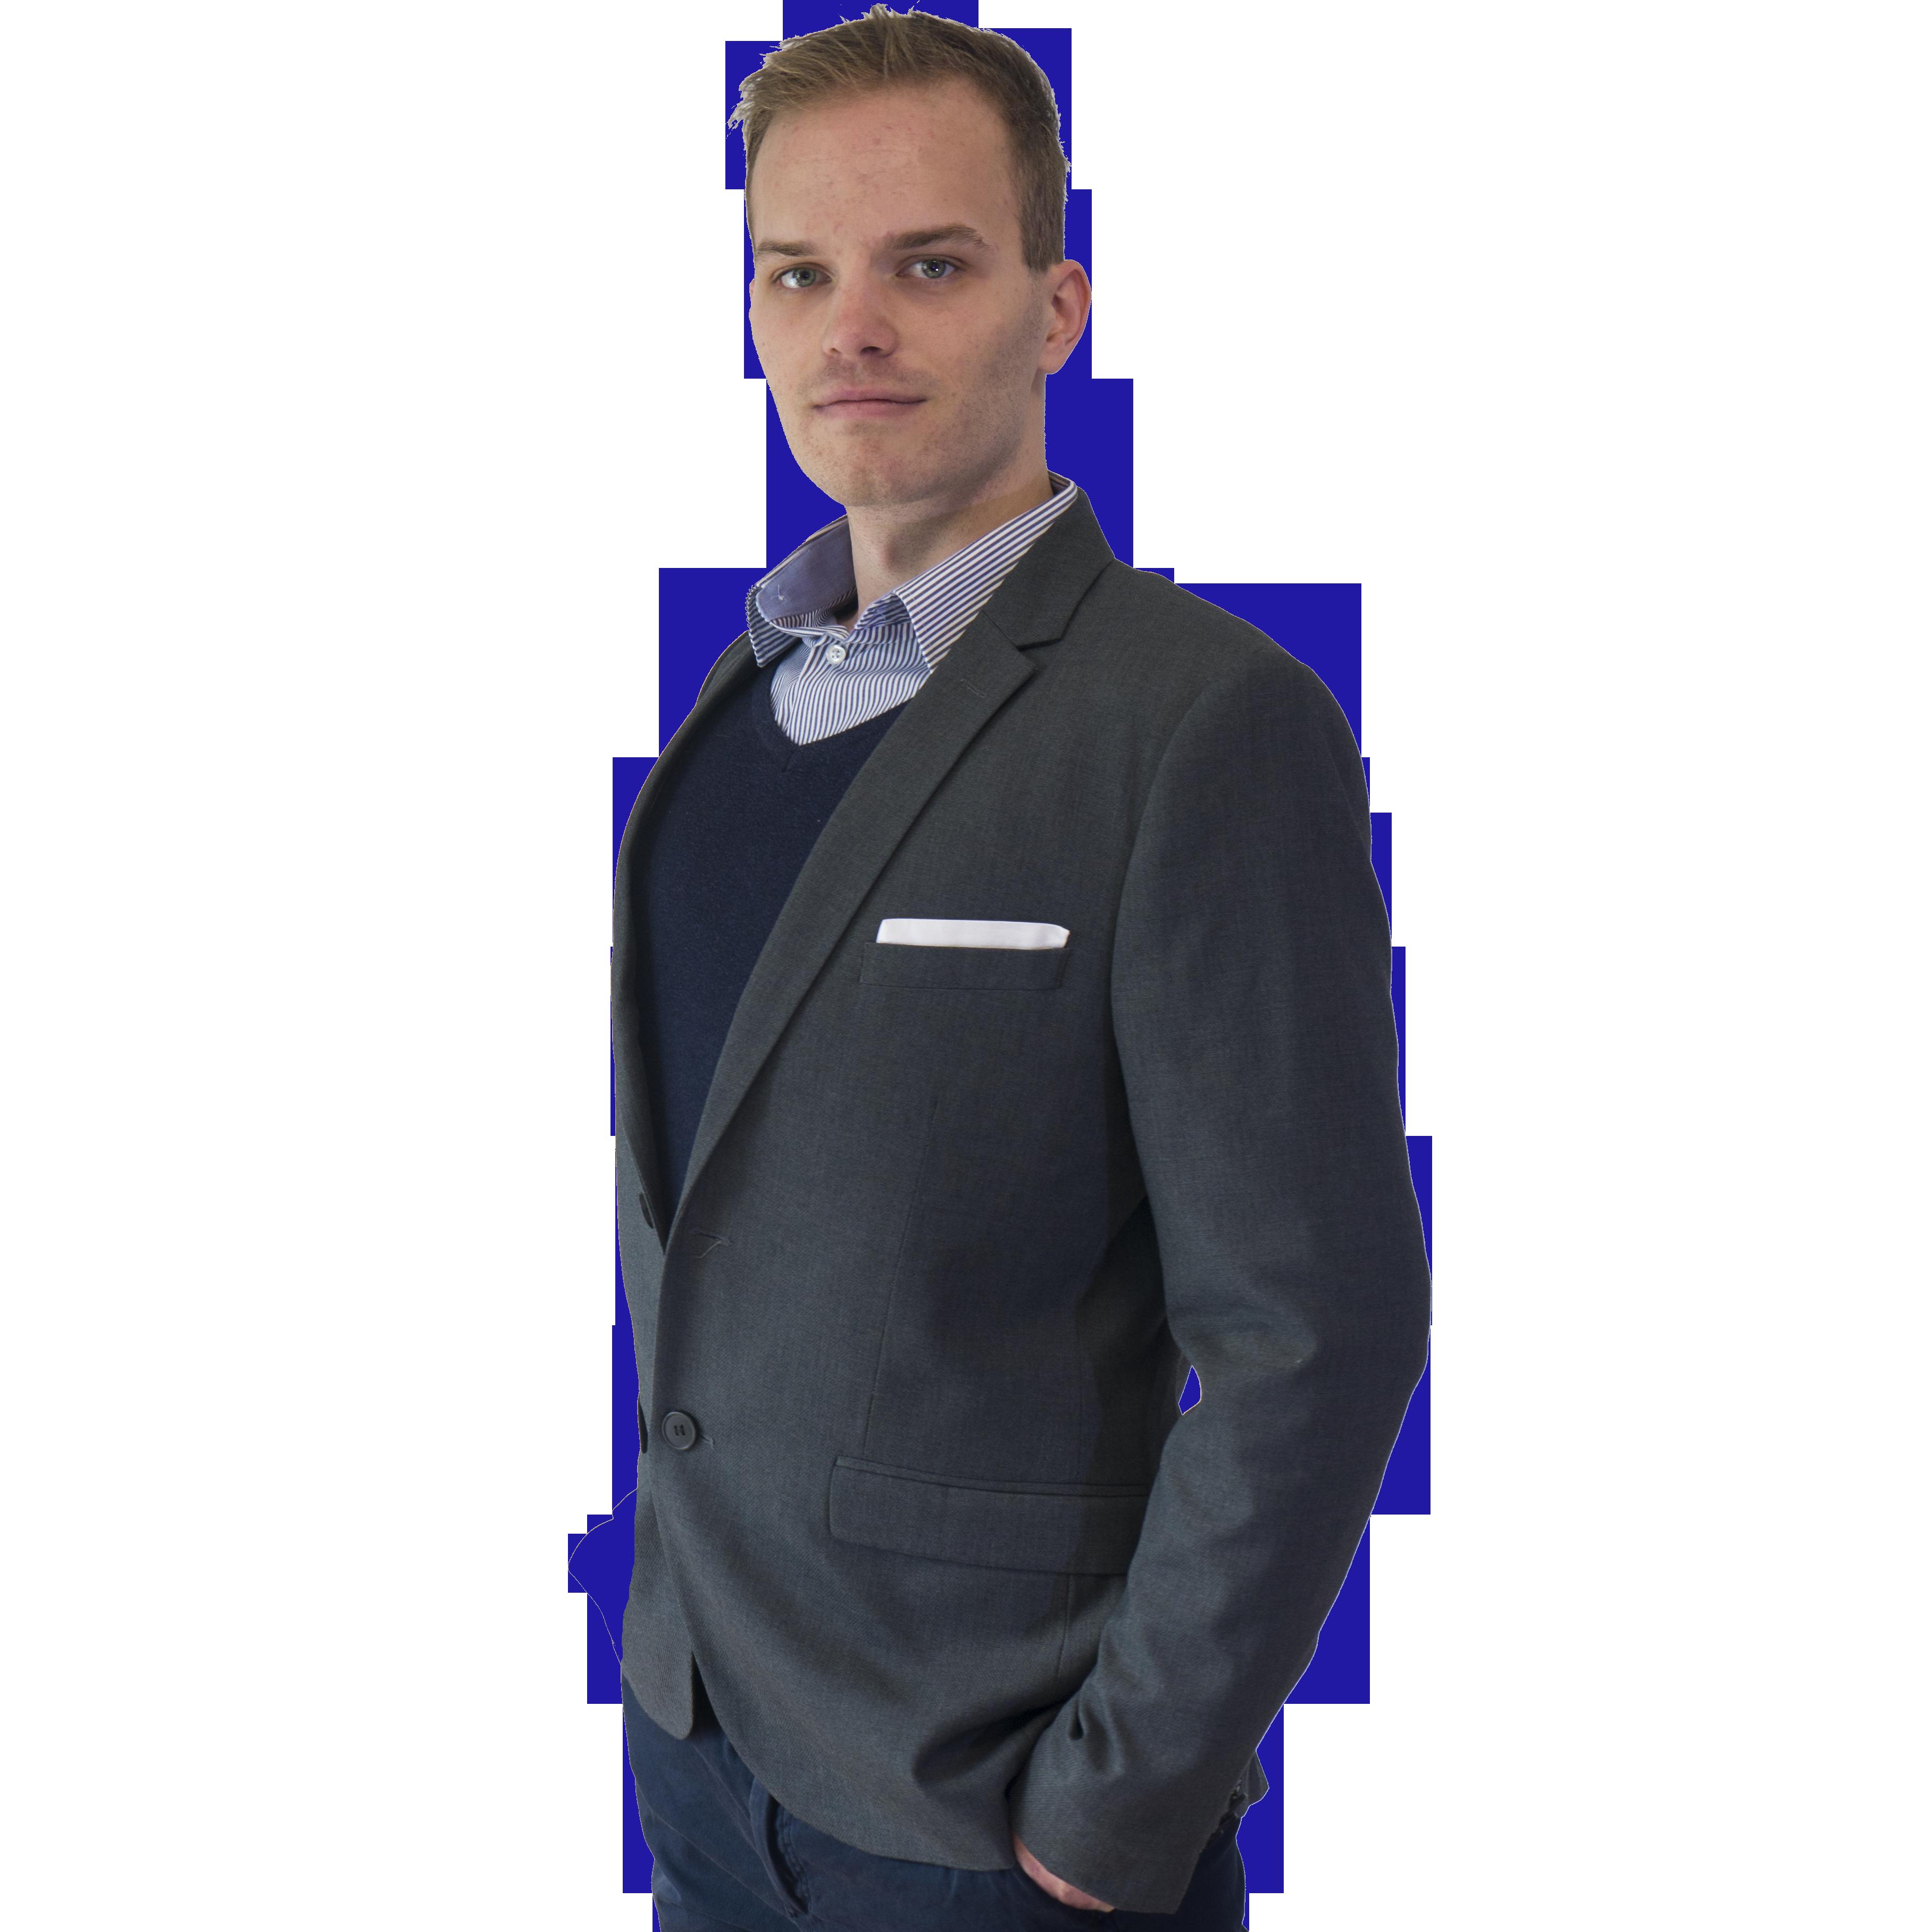 elod-juhasz-marketing-specialist-2